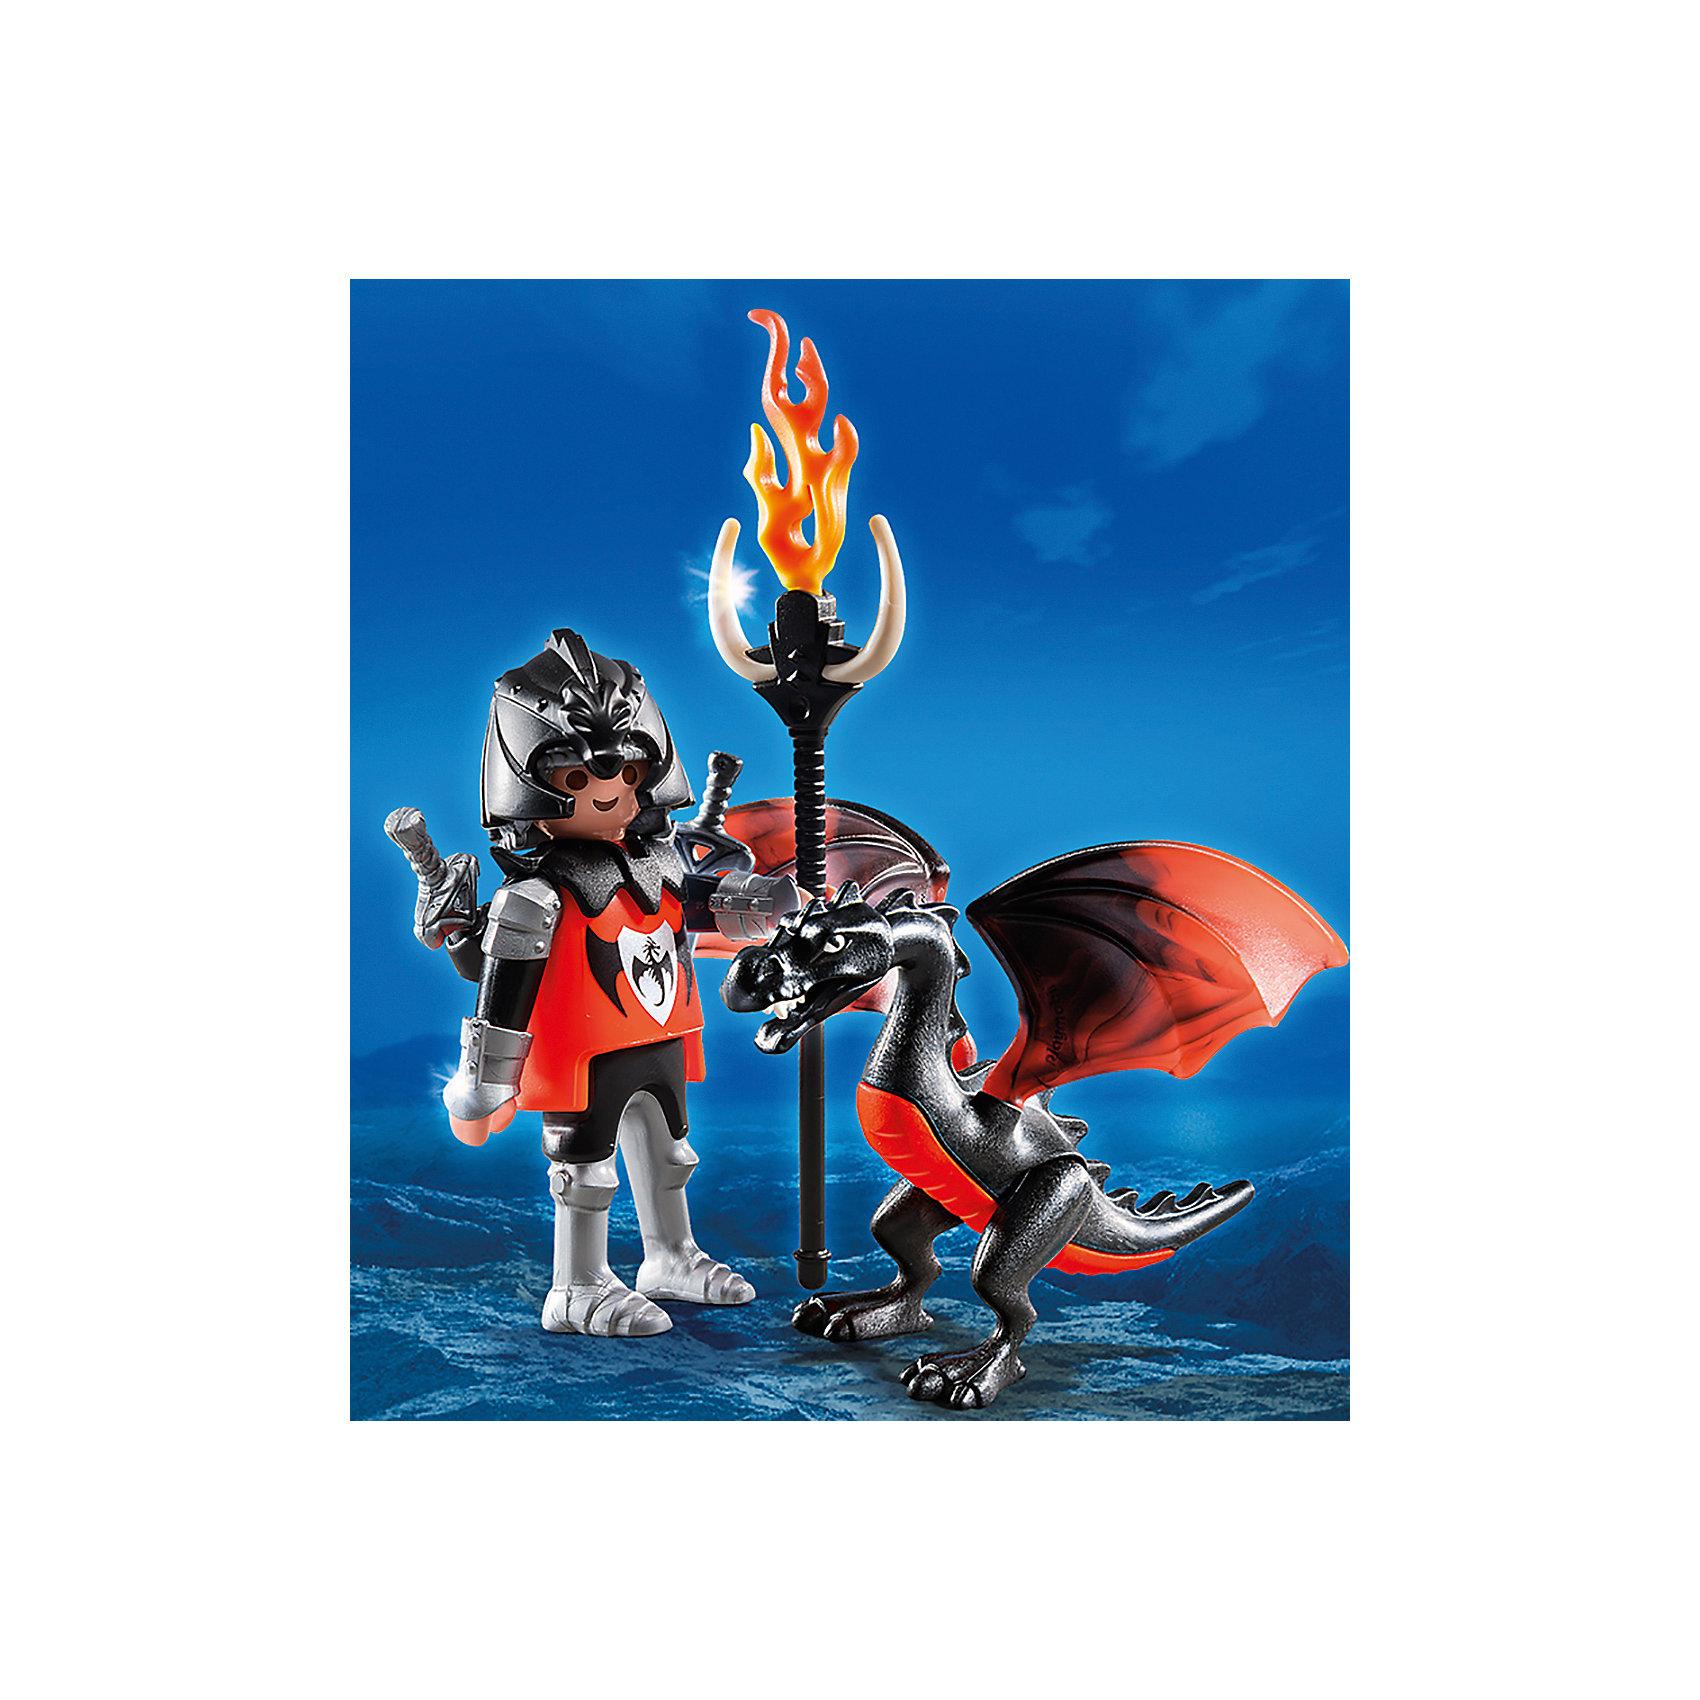 PLAYMOBIL® Экстра-набор: Рыцарь с Драконом, PLAYMOBIL playmobil спасатели с носилками